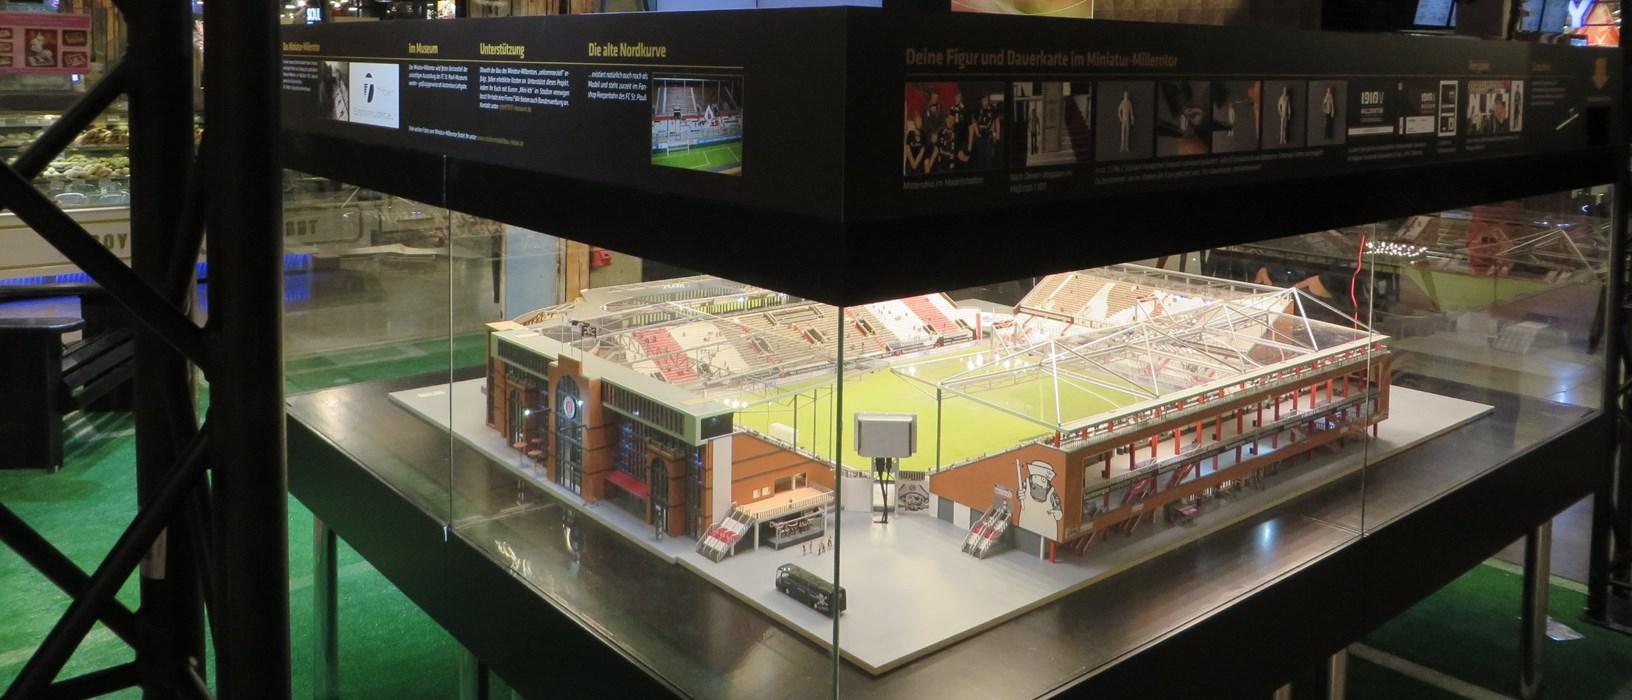 Das Miniatur-Millerntor in der Rindermartkhalle St. Pauli